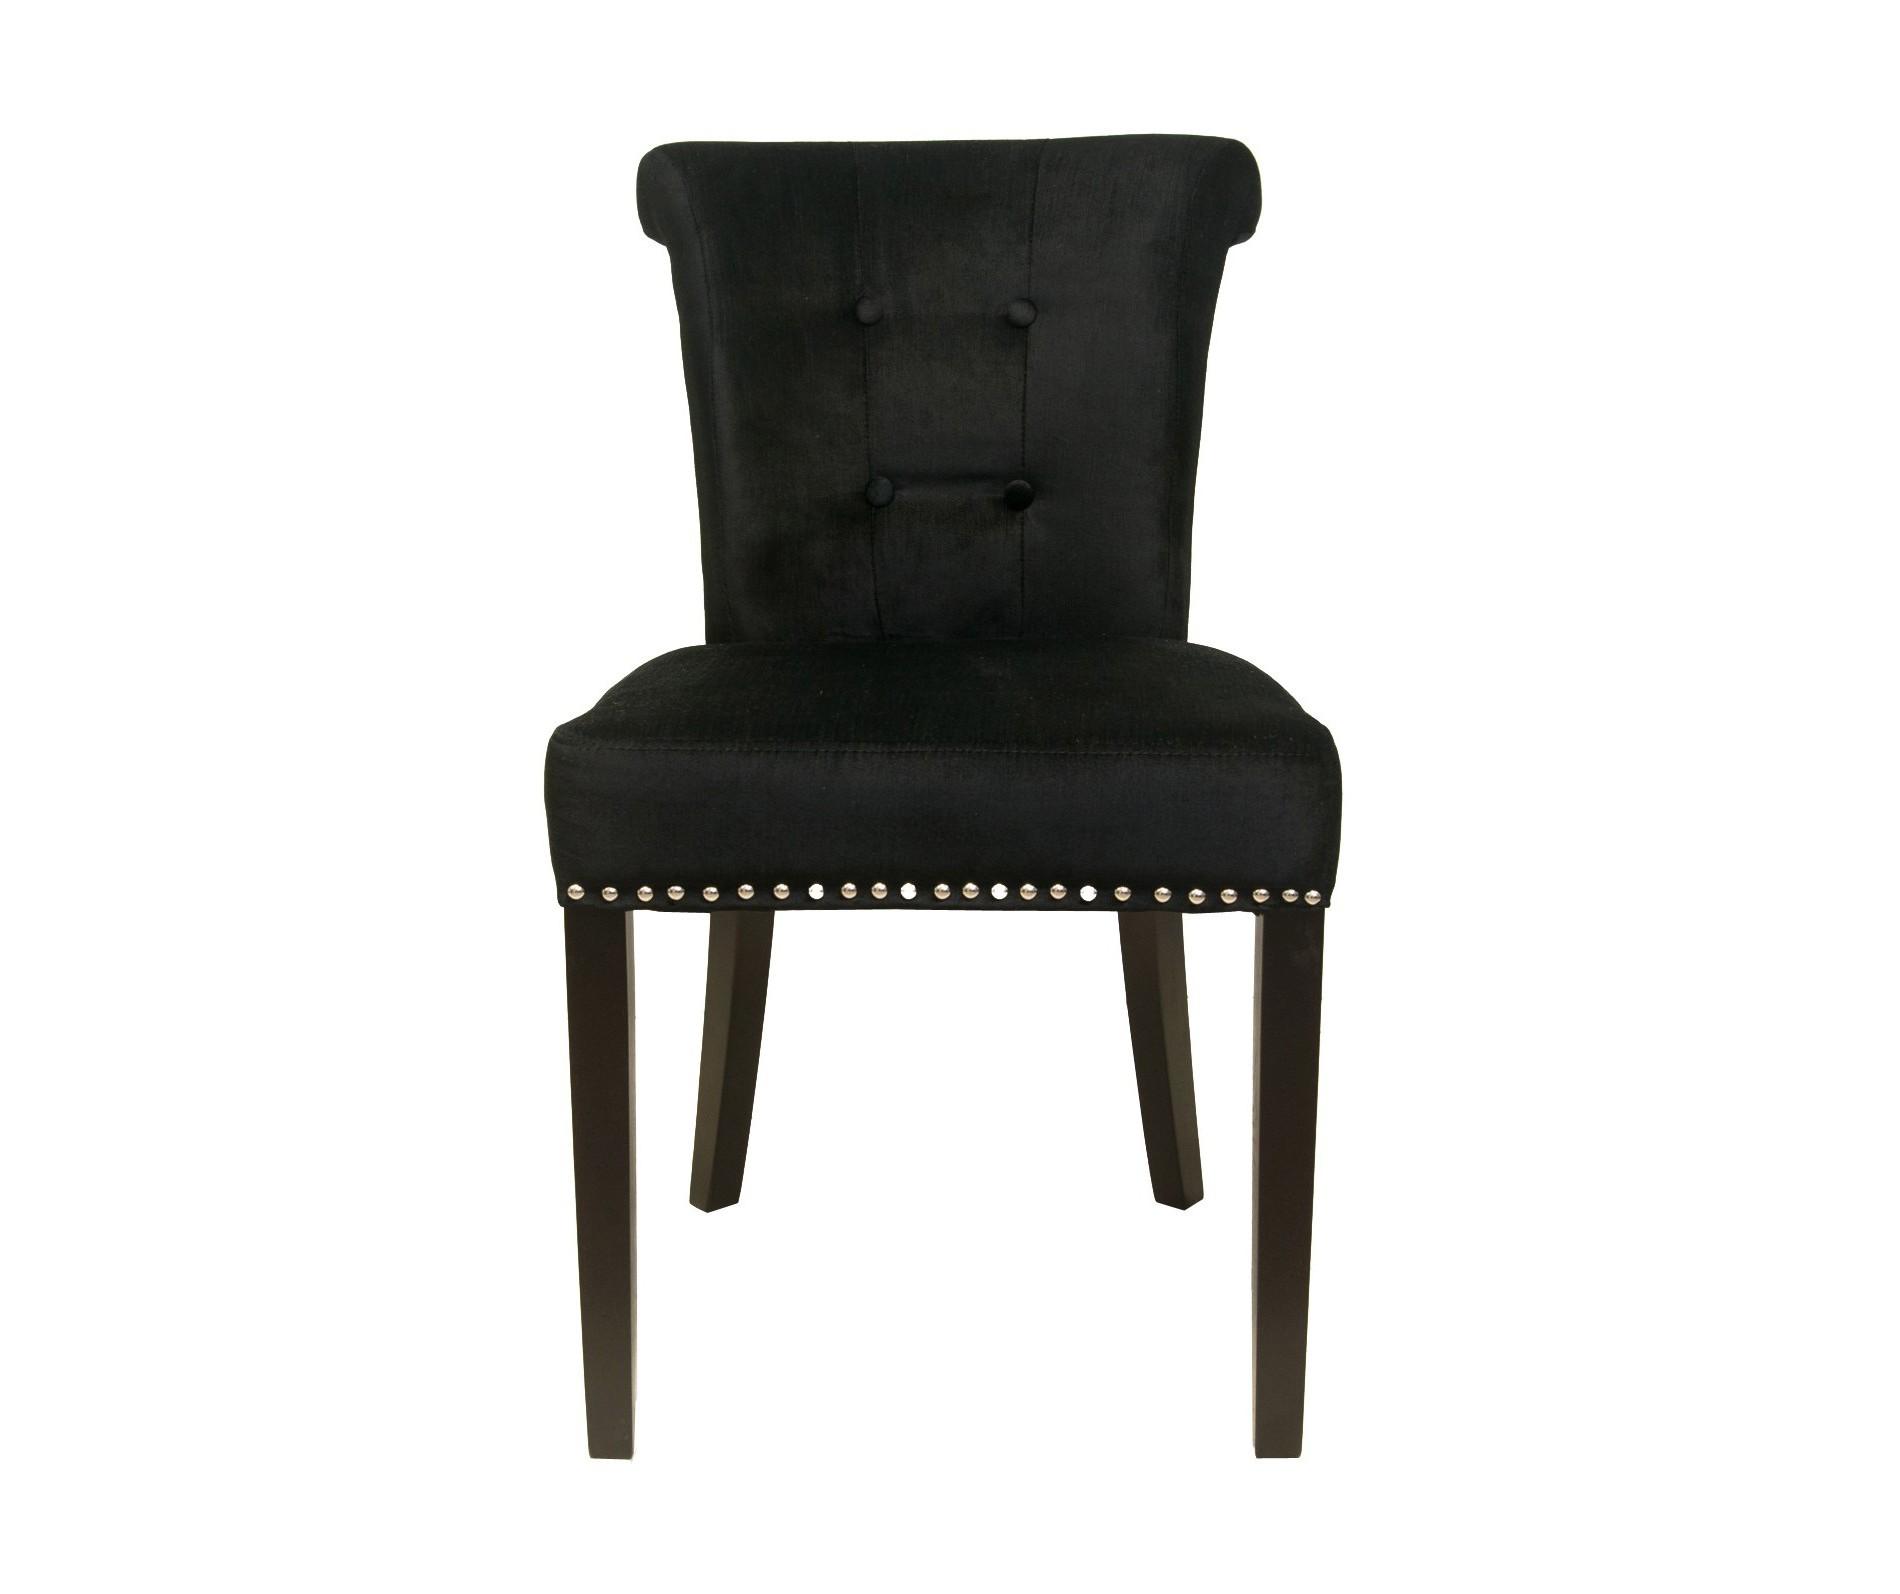 Стул UtraОбеденные стулья<br>Стильный стул Utra сразу привлекает к себе внимание. Хоть он и выполнен в классическом чёрном цвете, но его формы и декор цепляют взгляд. Серебряное металлическое кольцо на спинке стула, а также металлические клёпки по периметру придают шик изделию. Такой предмет декора подарит роскошь Вашему интерьерному решению.&amp;amp;nbsp;<br><br>Material: Текстиль